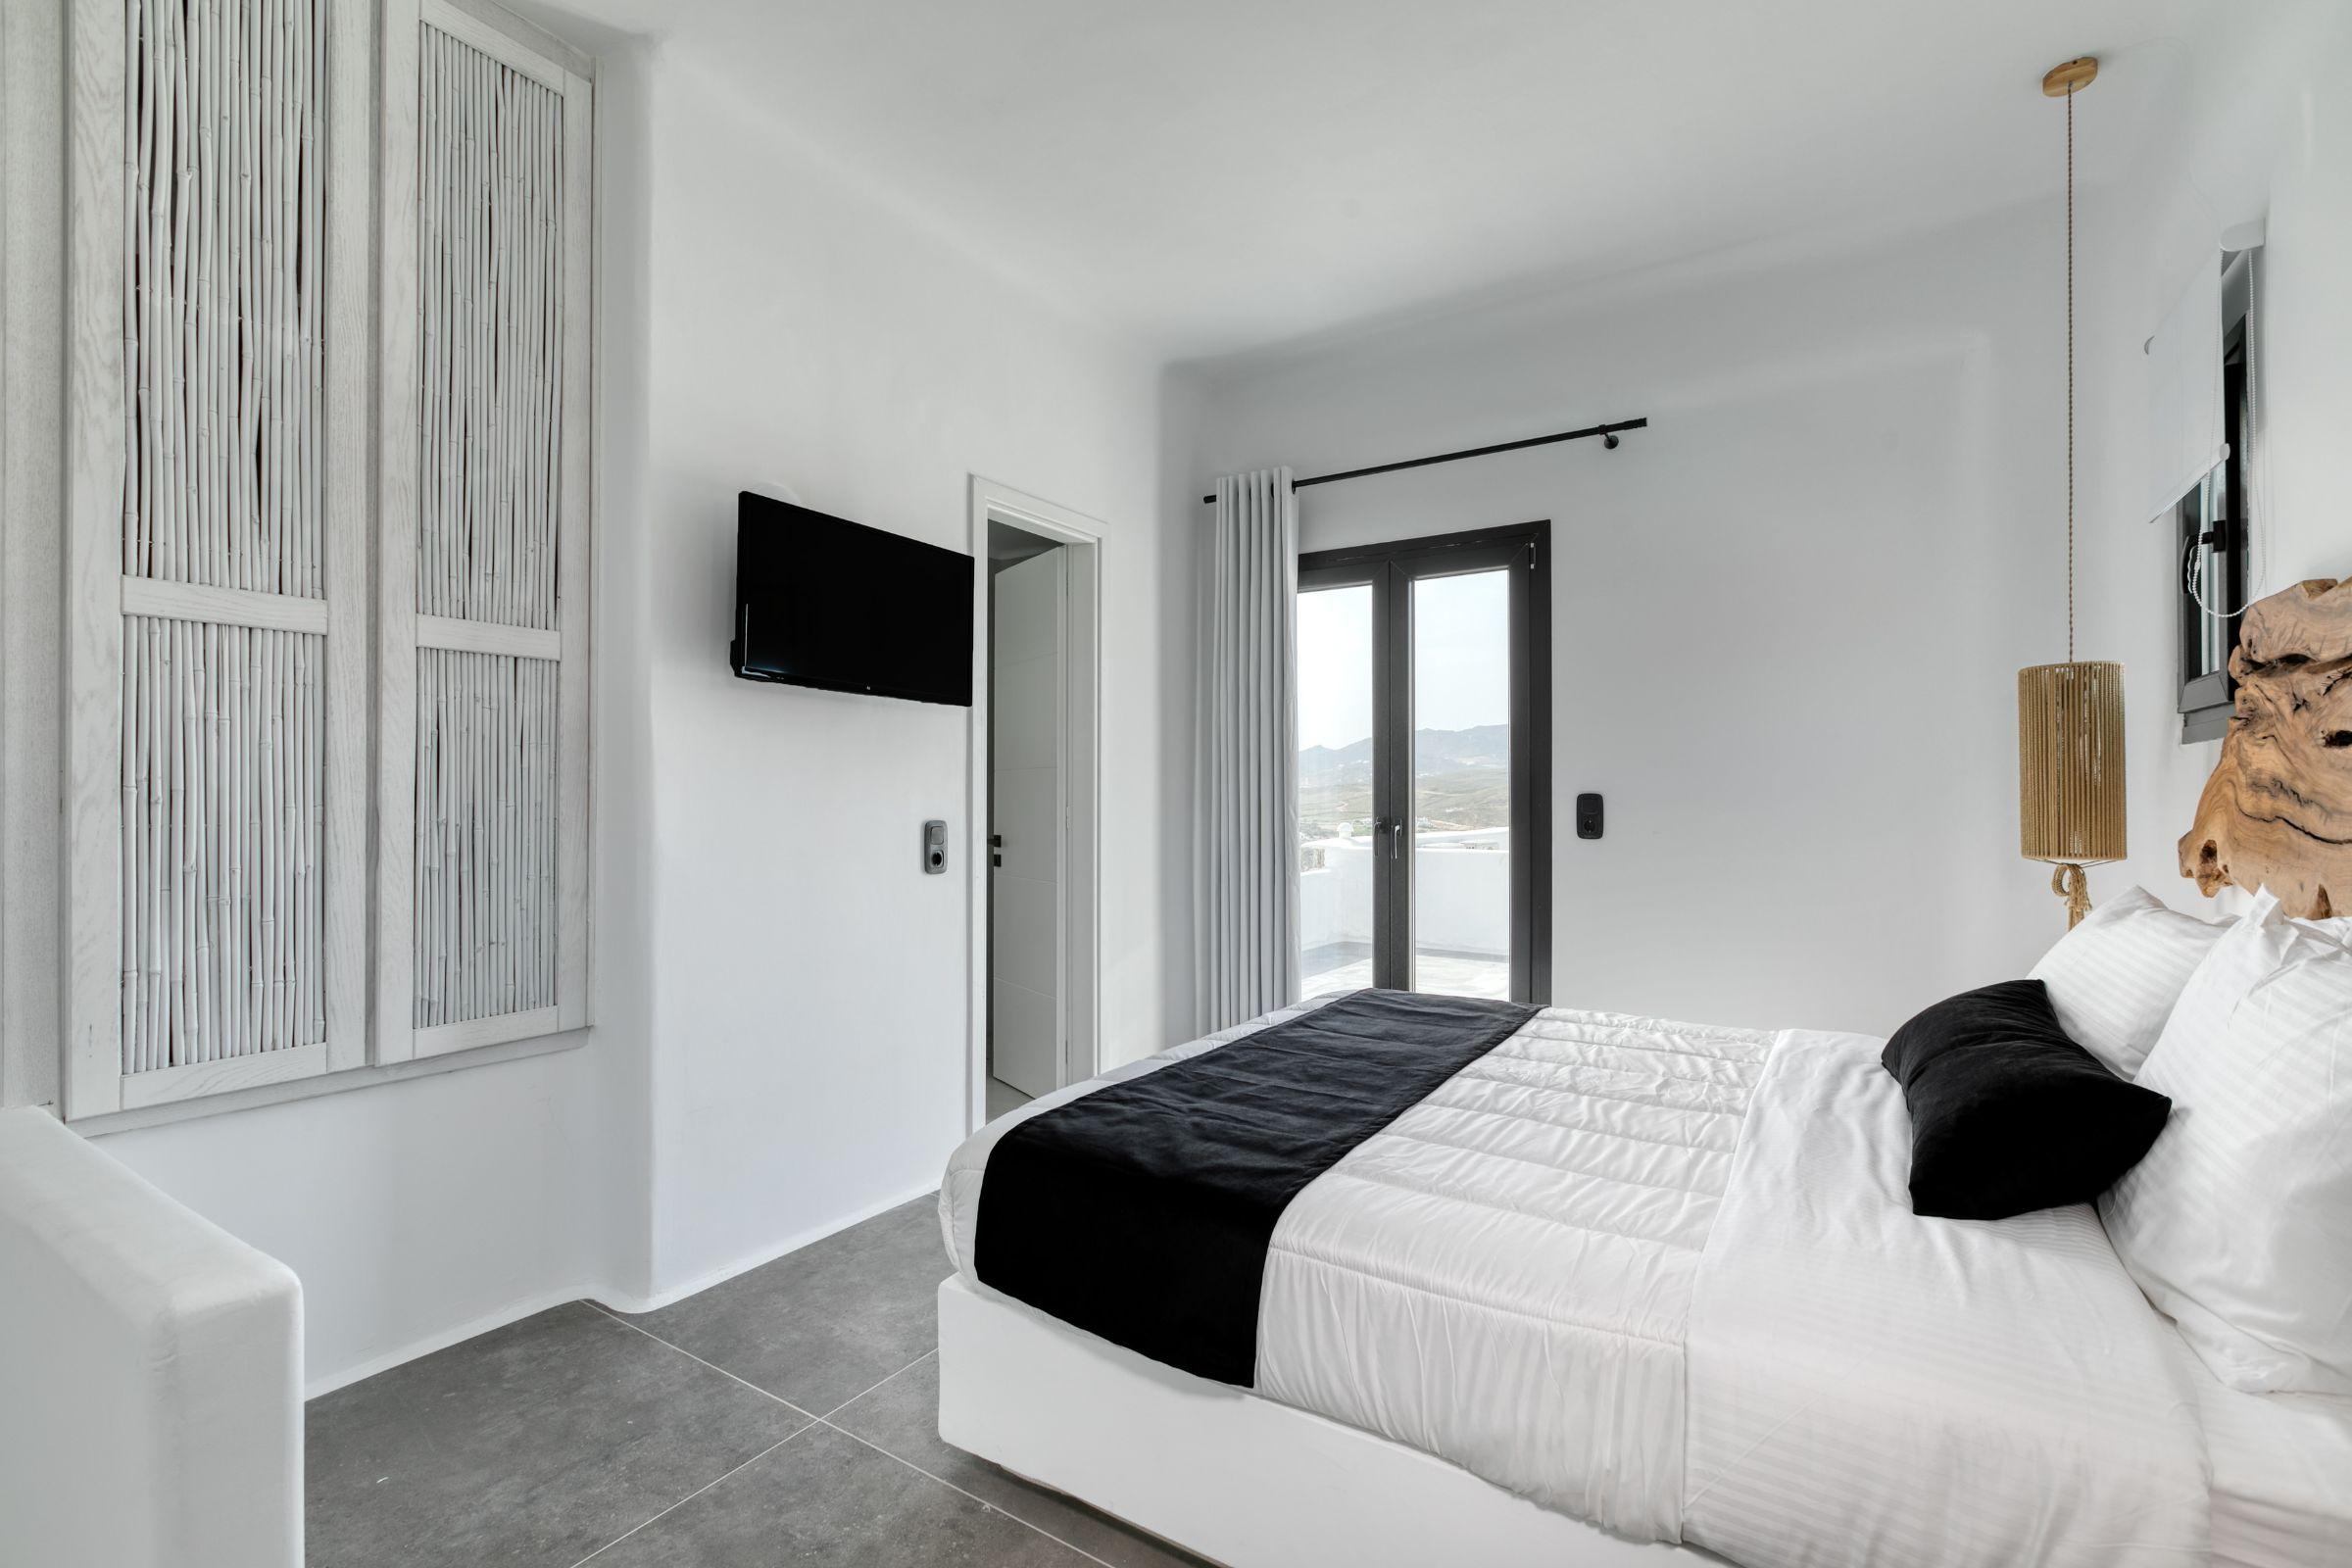 bedroom villa arteta ftelia